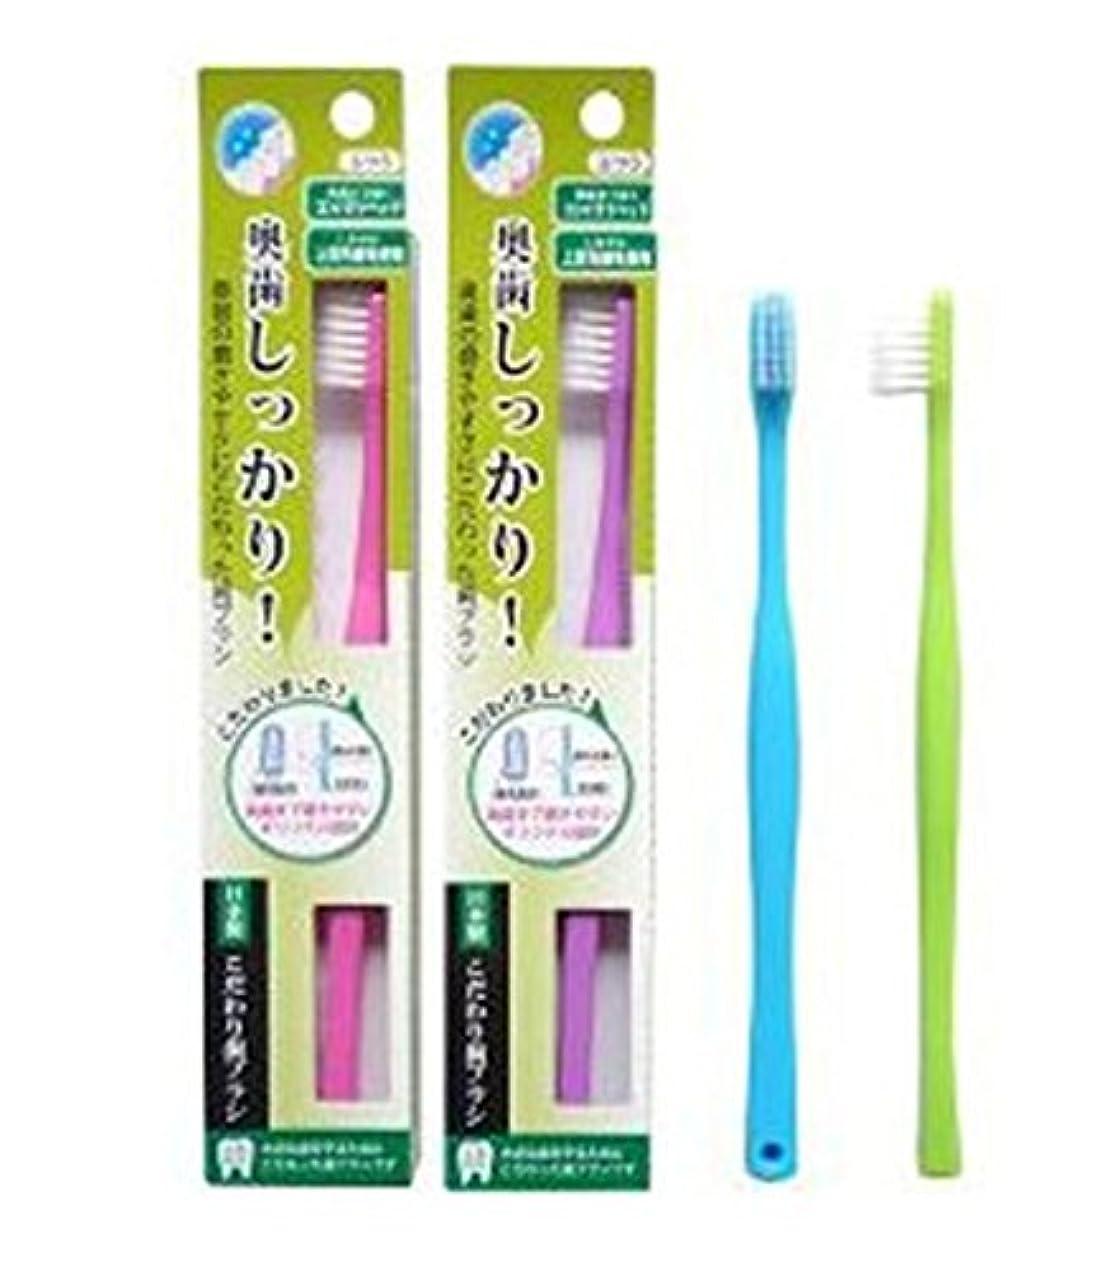 クック撃退するコンチネンタルライフレンジ 奥歯しっかりこだわり歯ブラシ 先細 12本 (ピンク4、パープル4、ブルー2、グリーン2)アソート